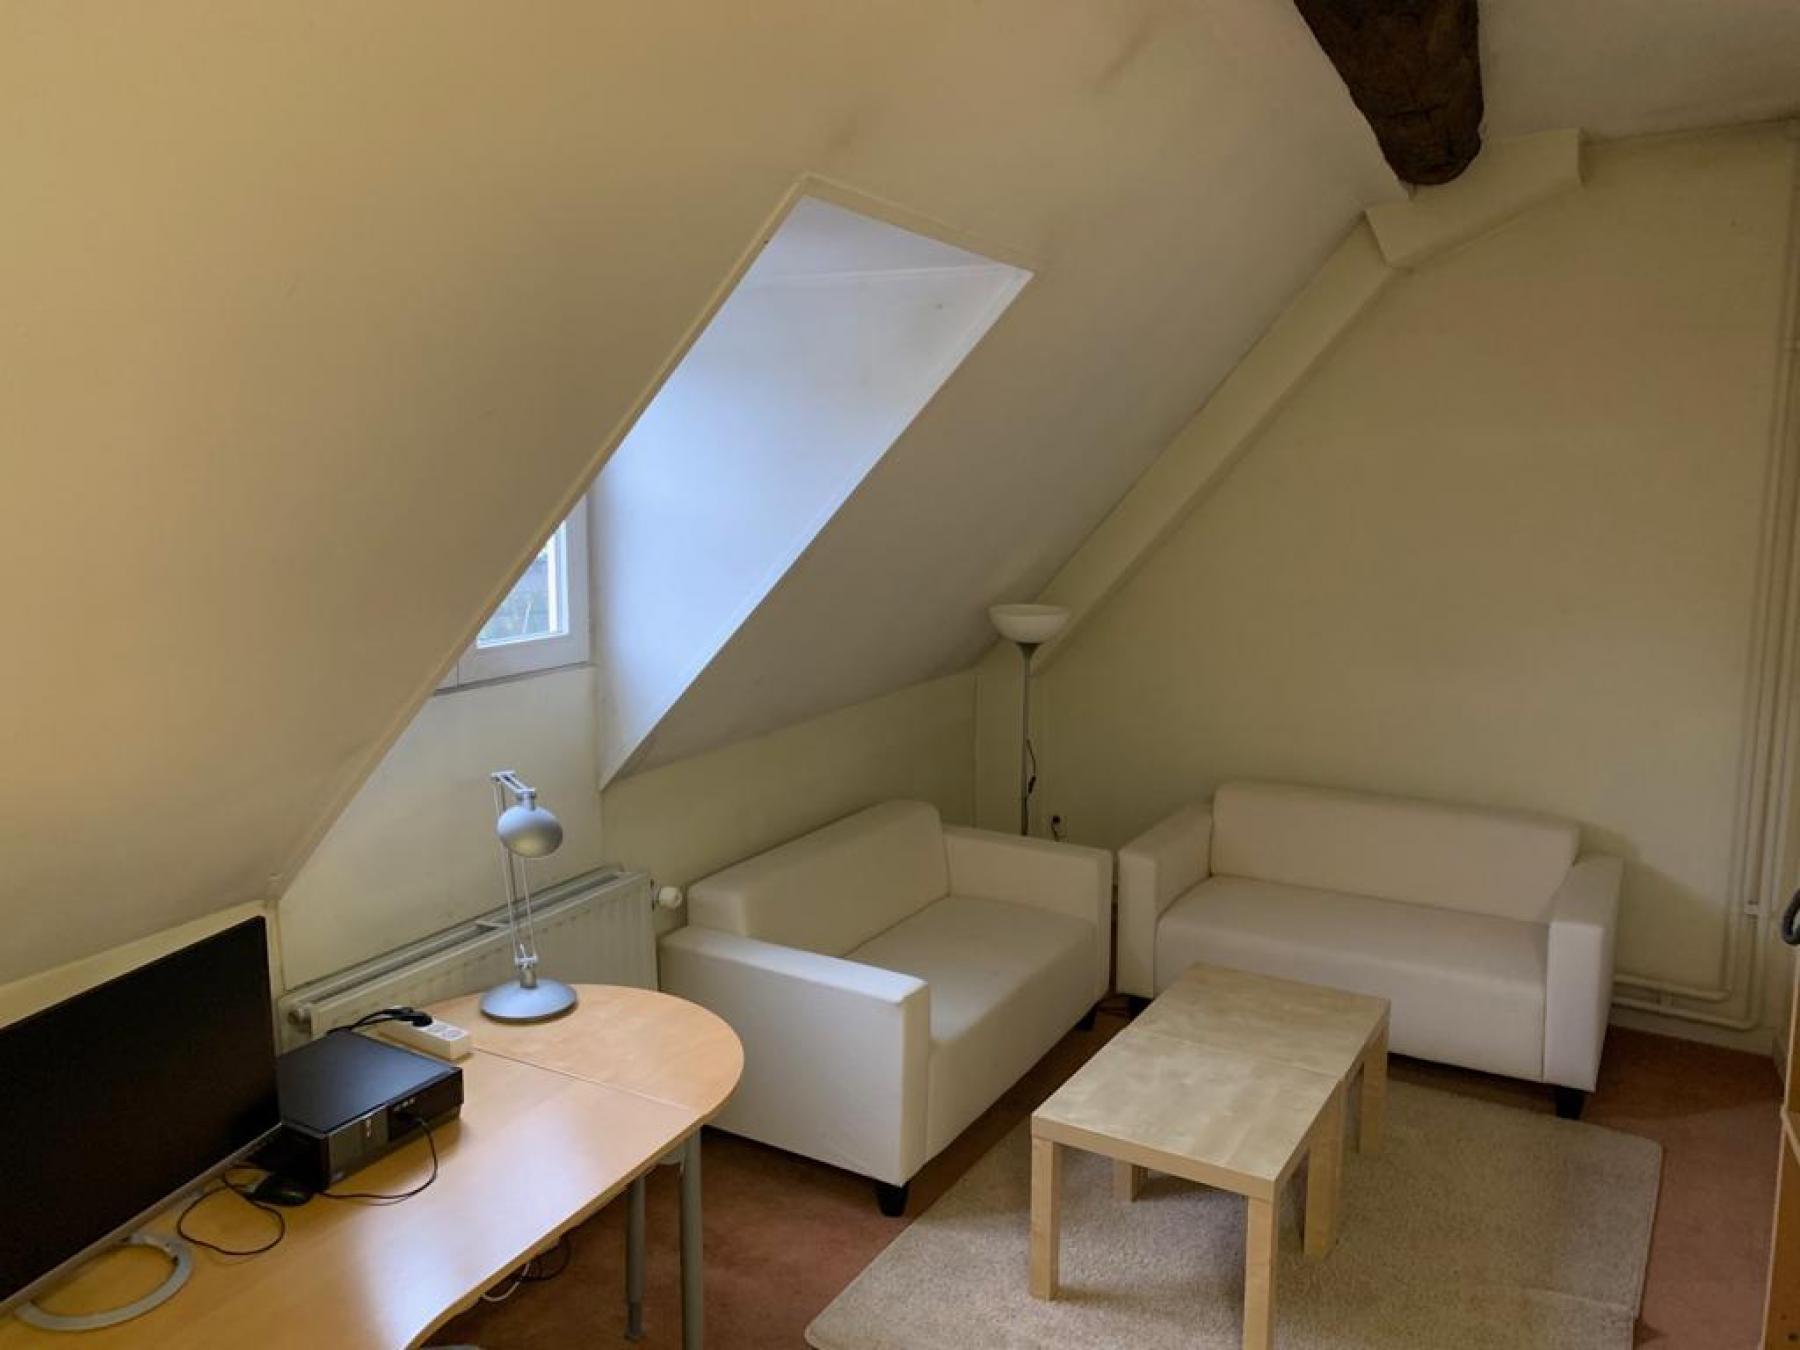 Rent office space Wycker Grachtstraat 38, Maastricht (11)